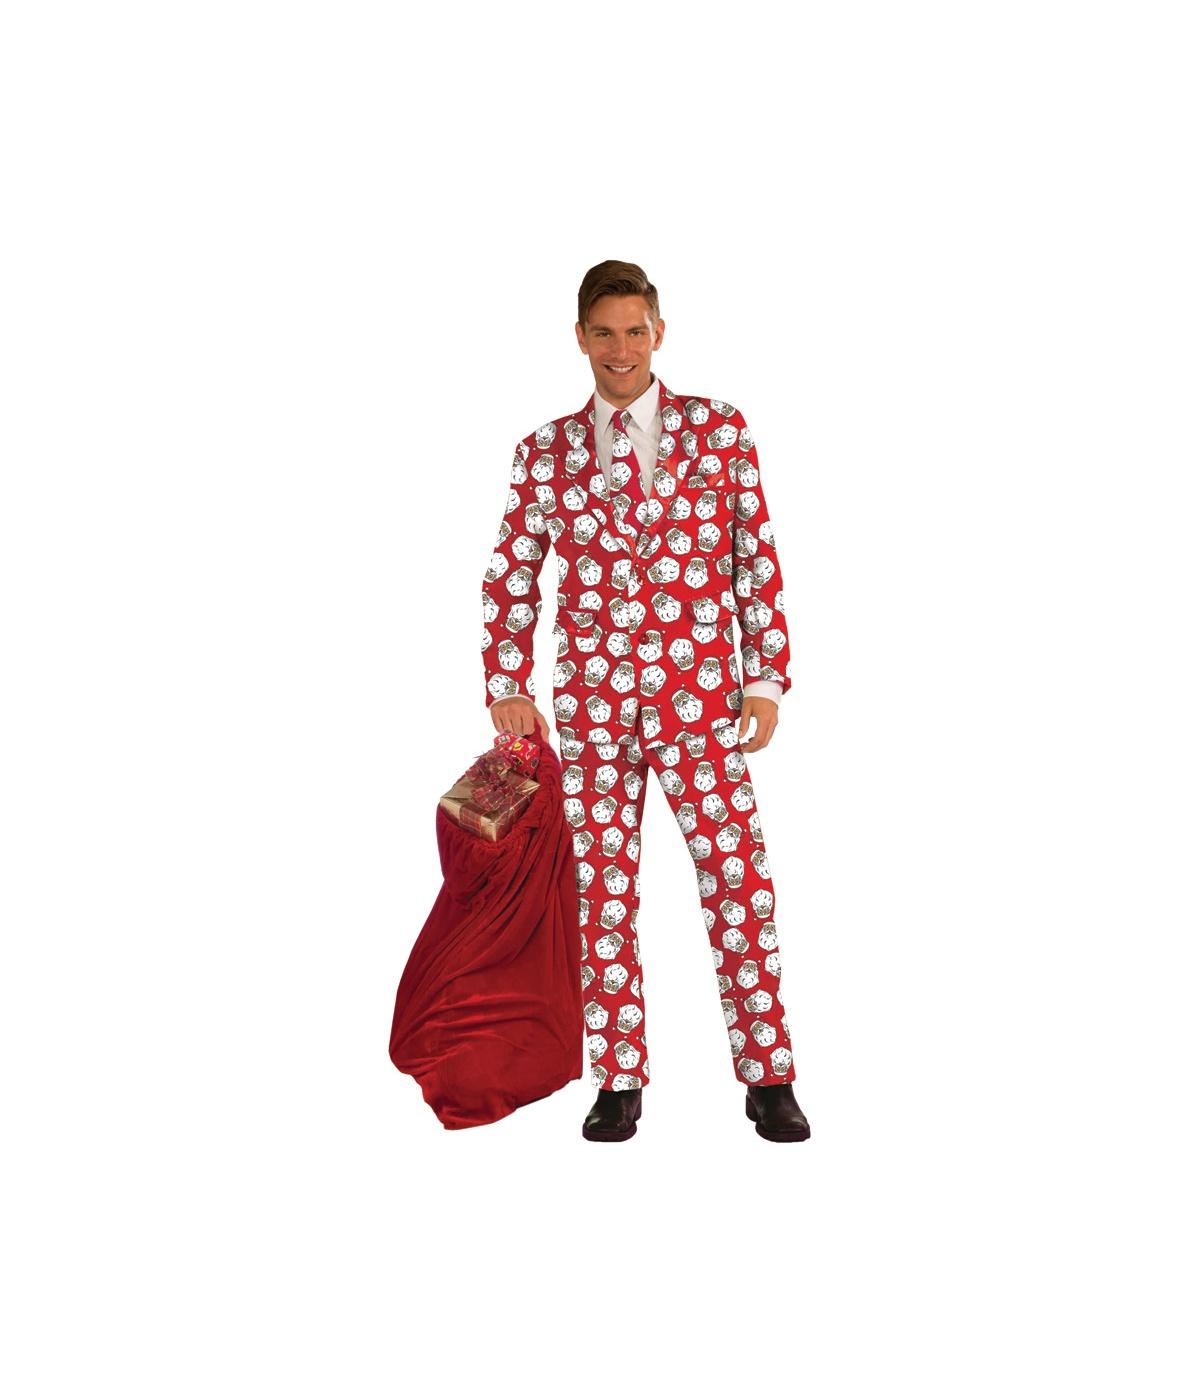 ... Adult Costumes → Mens Costume → Santa Claus Business Suit Costume Naughty Santa Claus Costume For Men